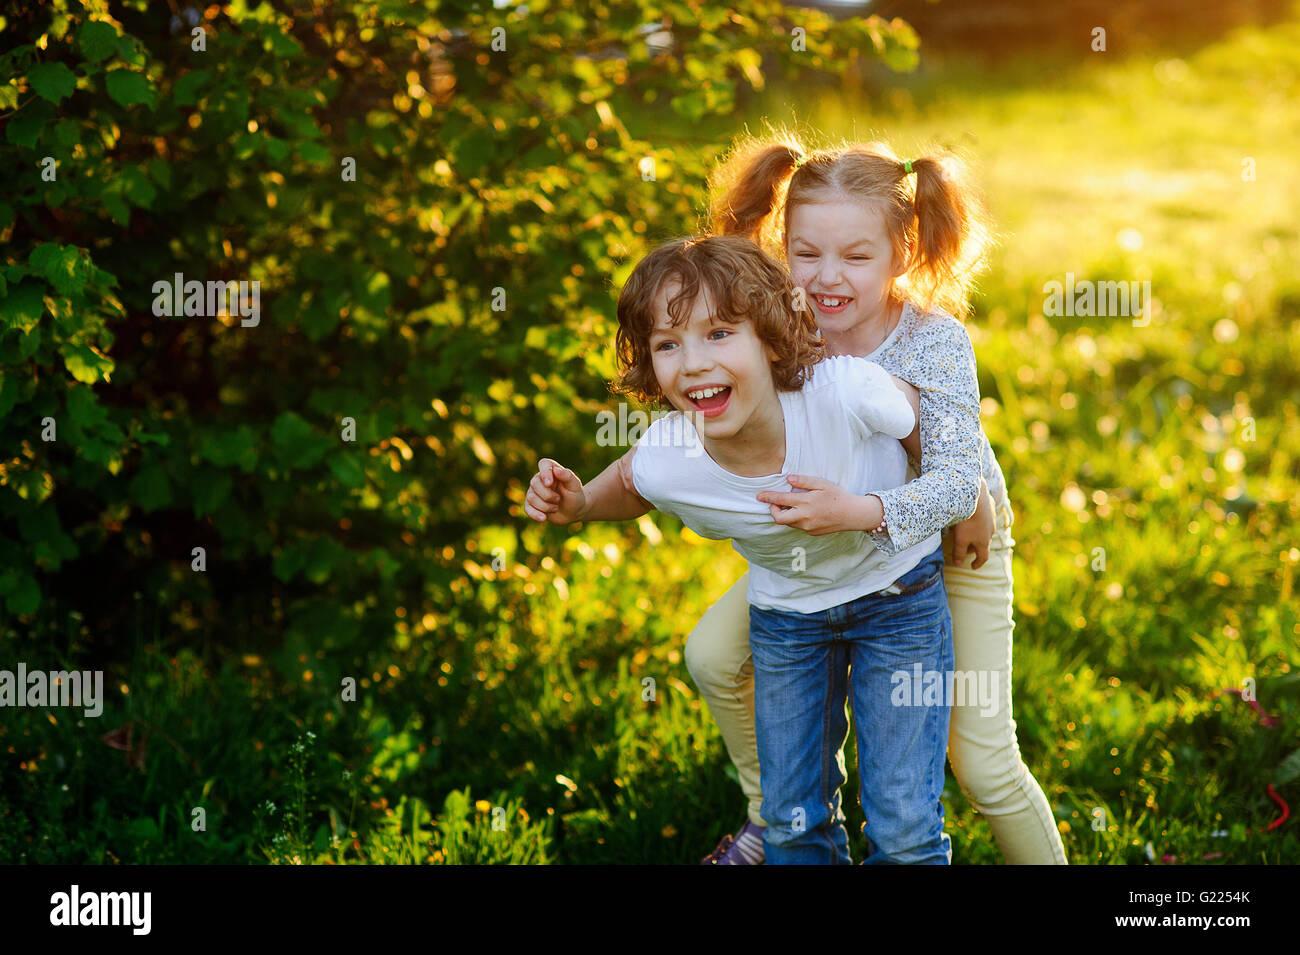 Rubio Boy y Girl Play park Imagen De Stock